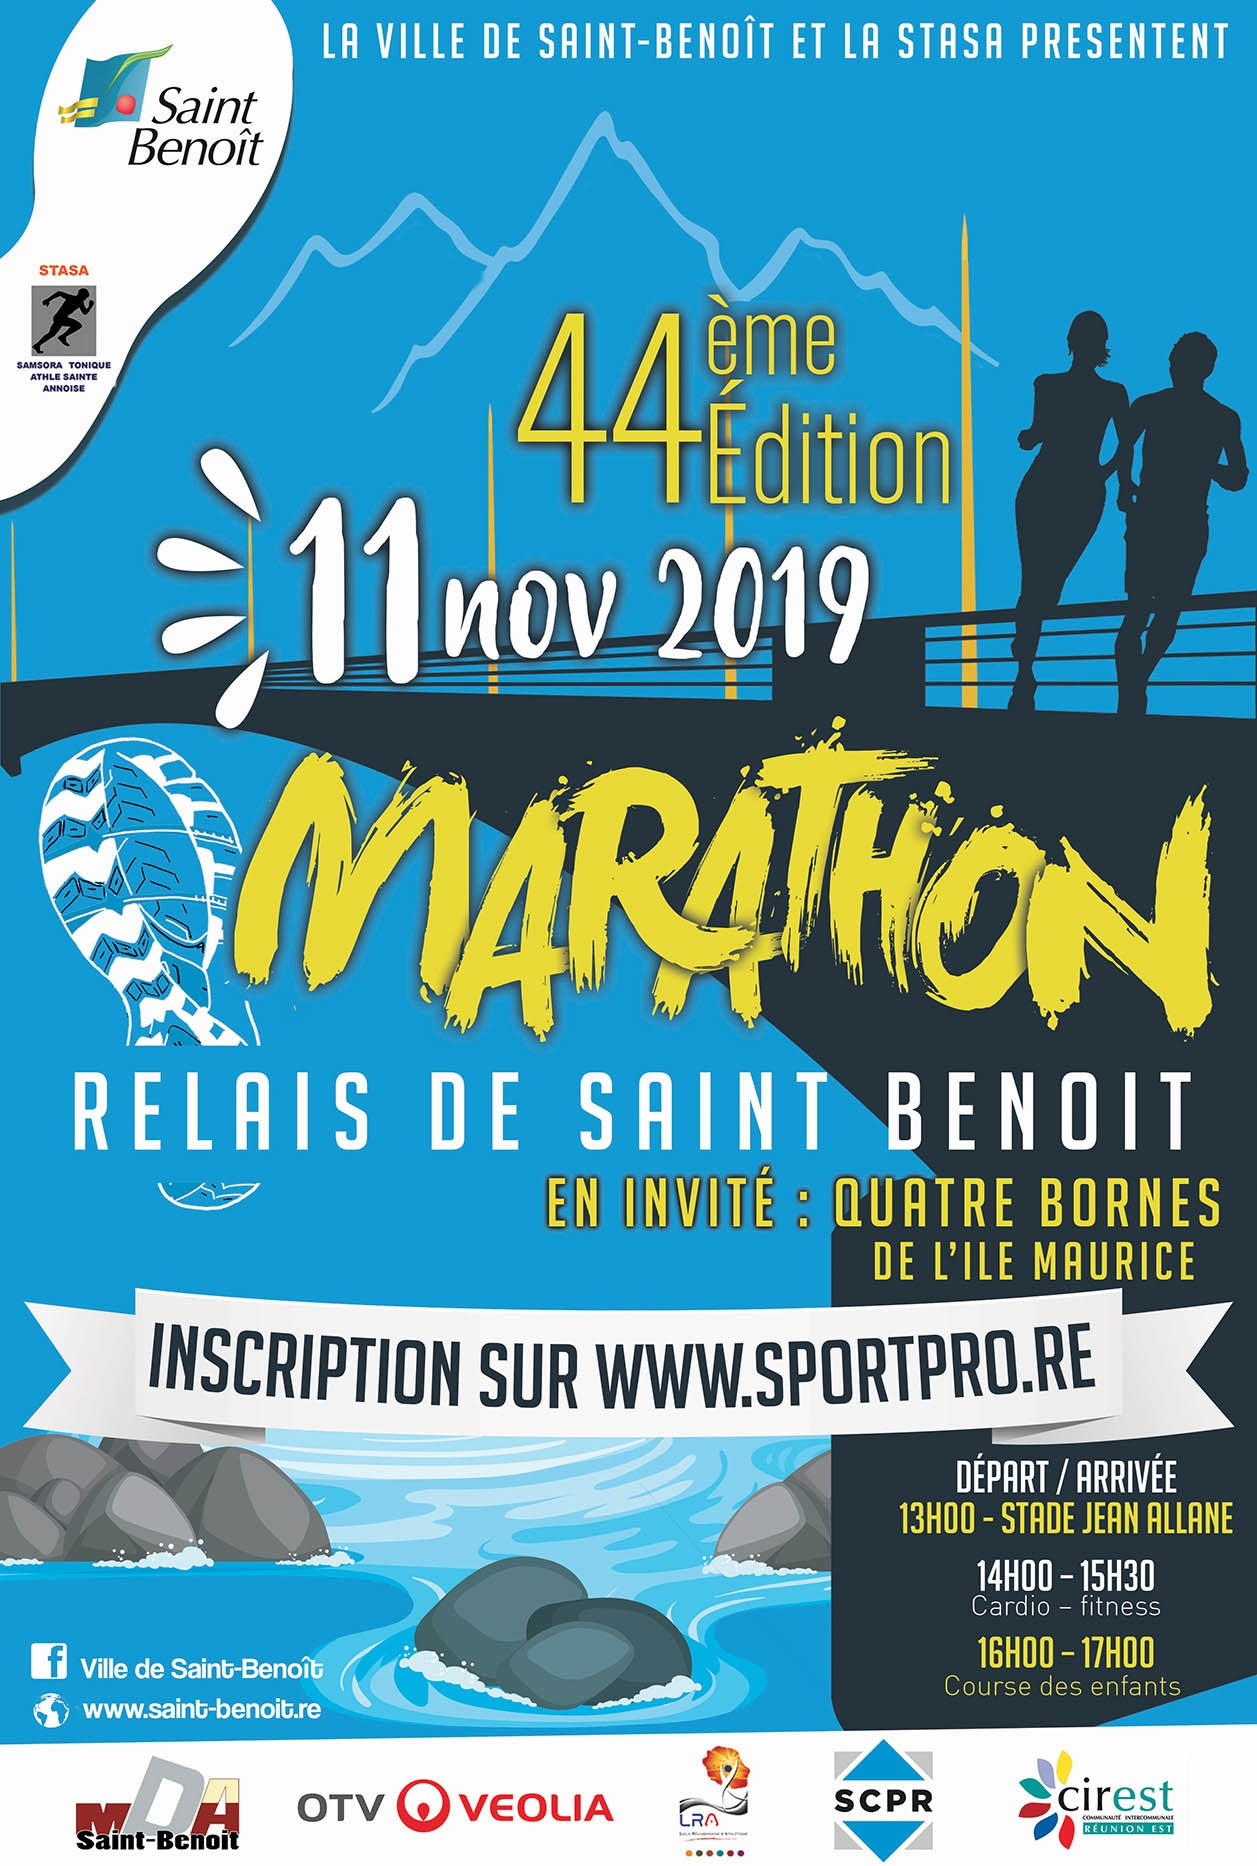 Marathon relais de Saint-Benoît